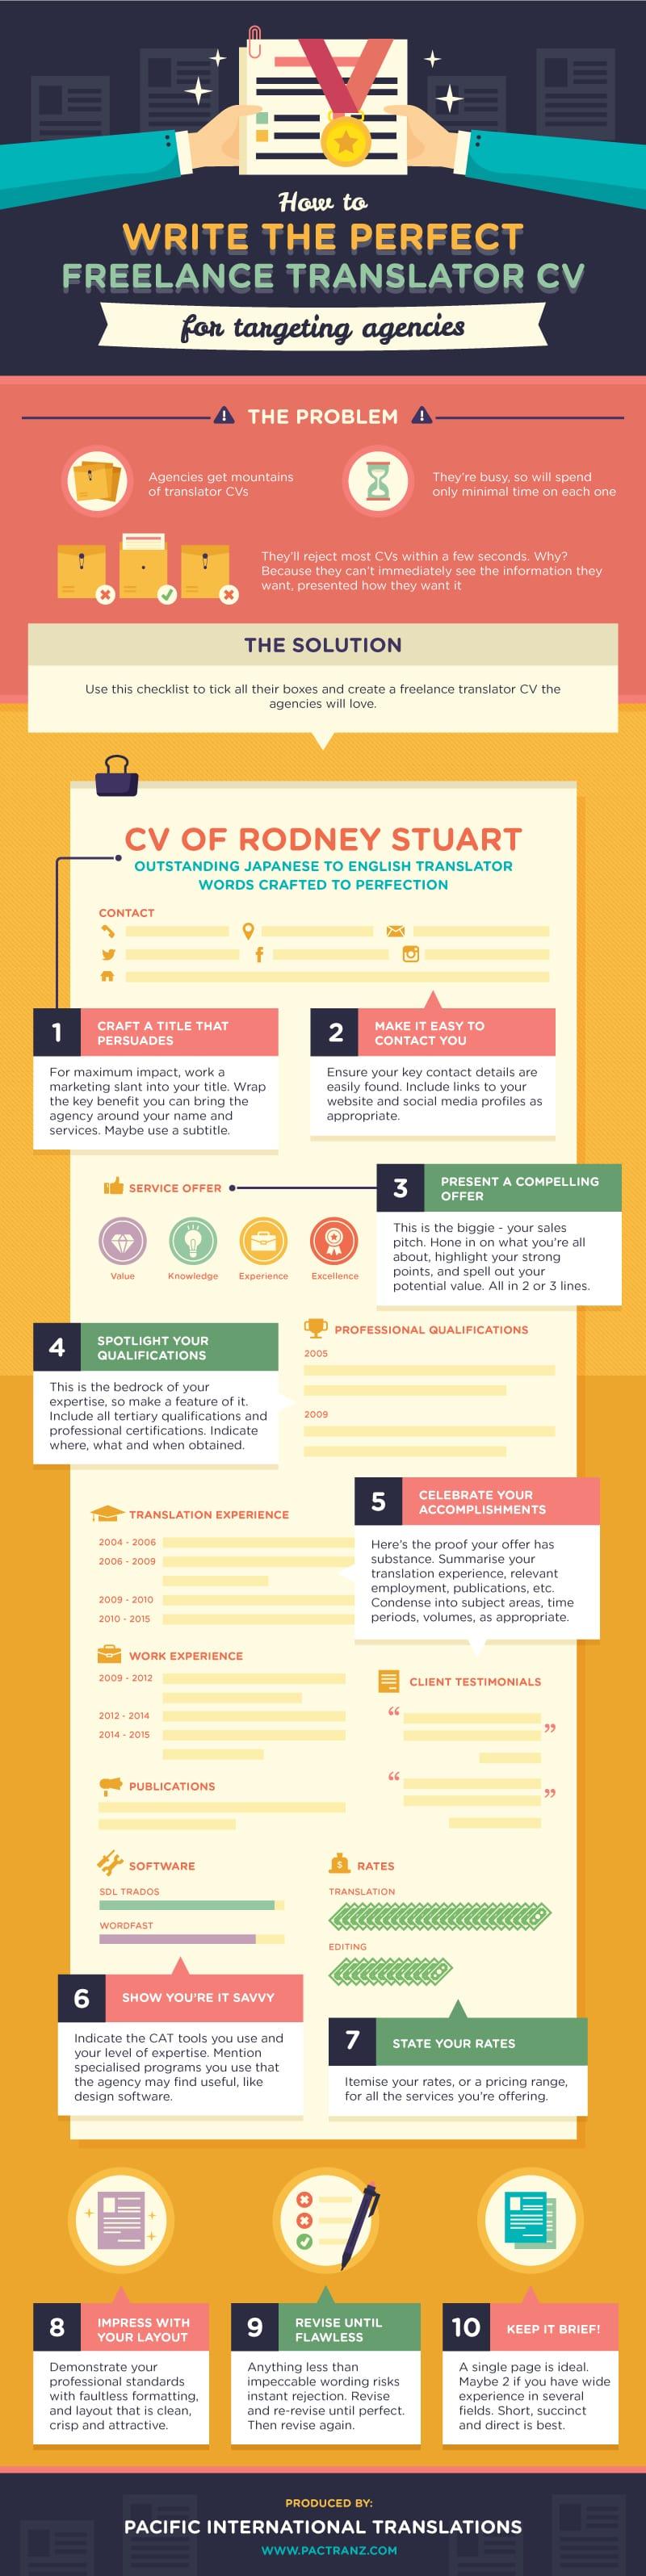 how to write the ideal freelance translator cv  u2013 10 keys